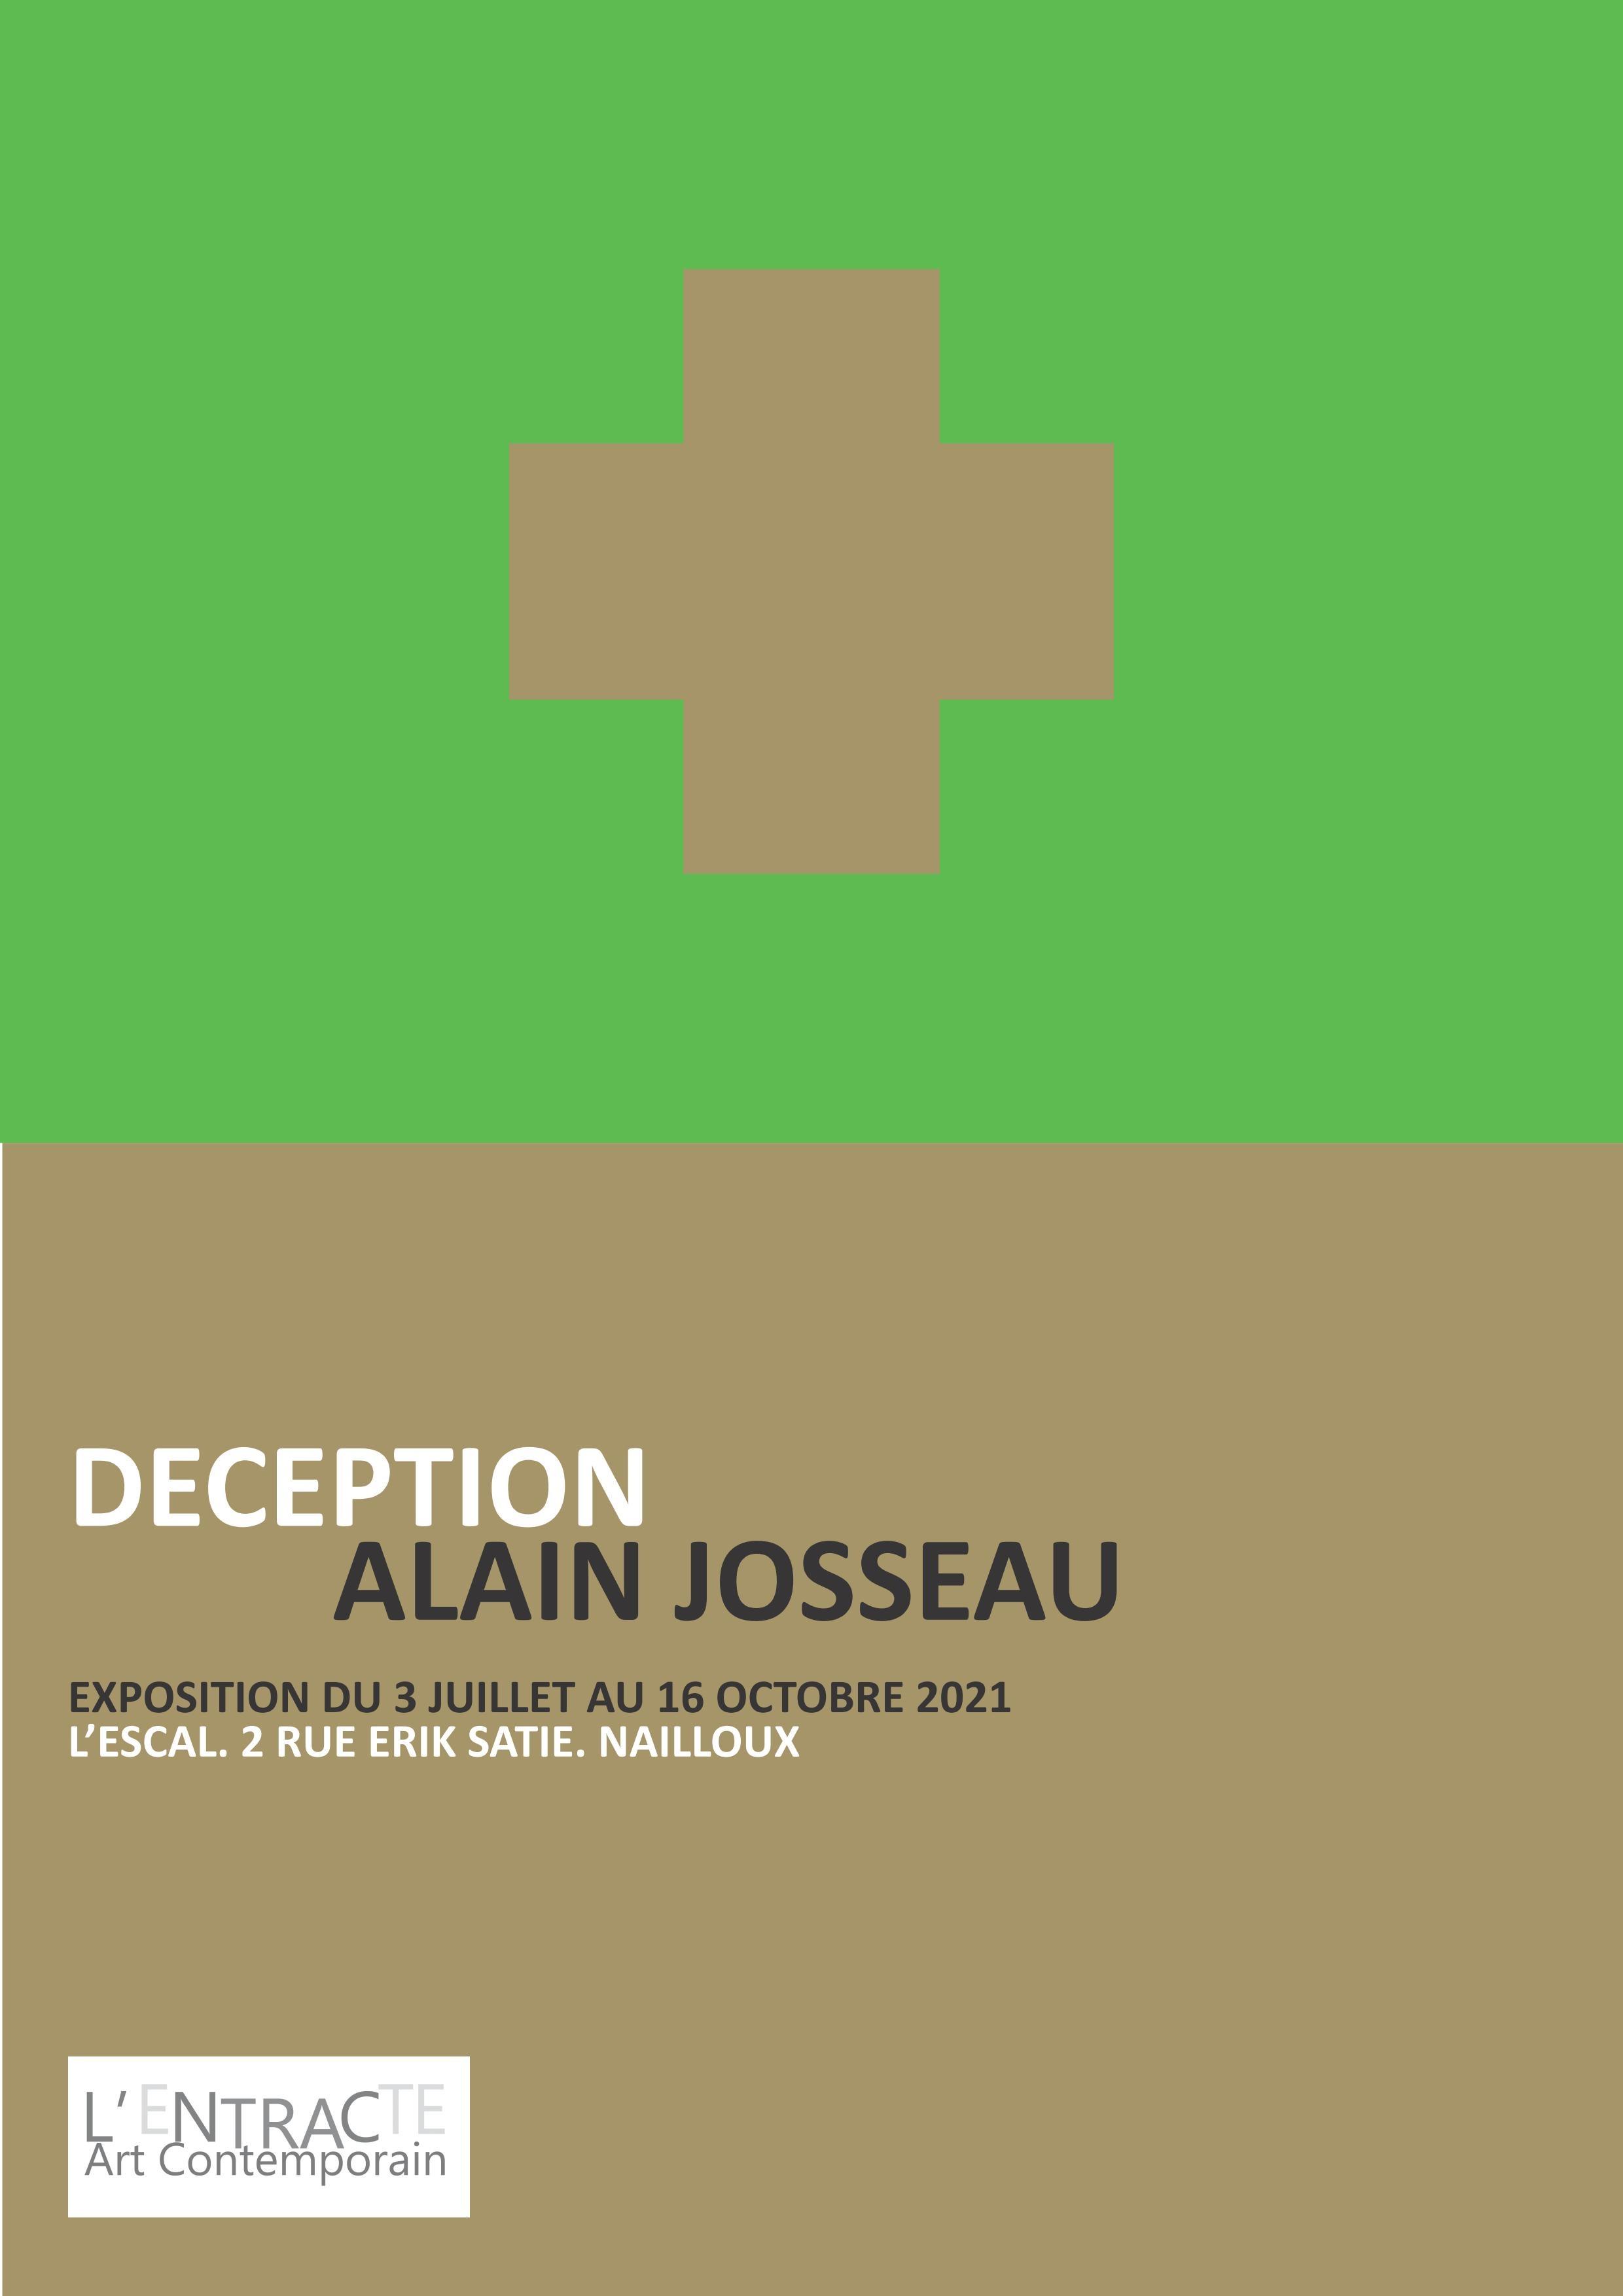 Déception - Alain Josseau